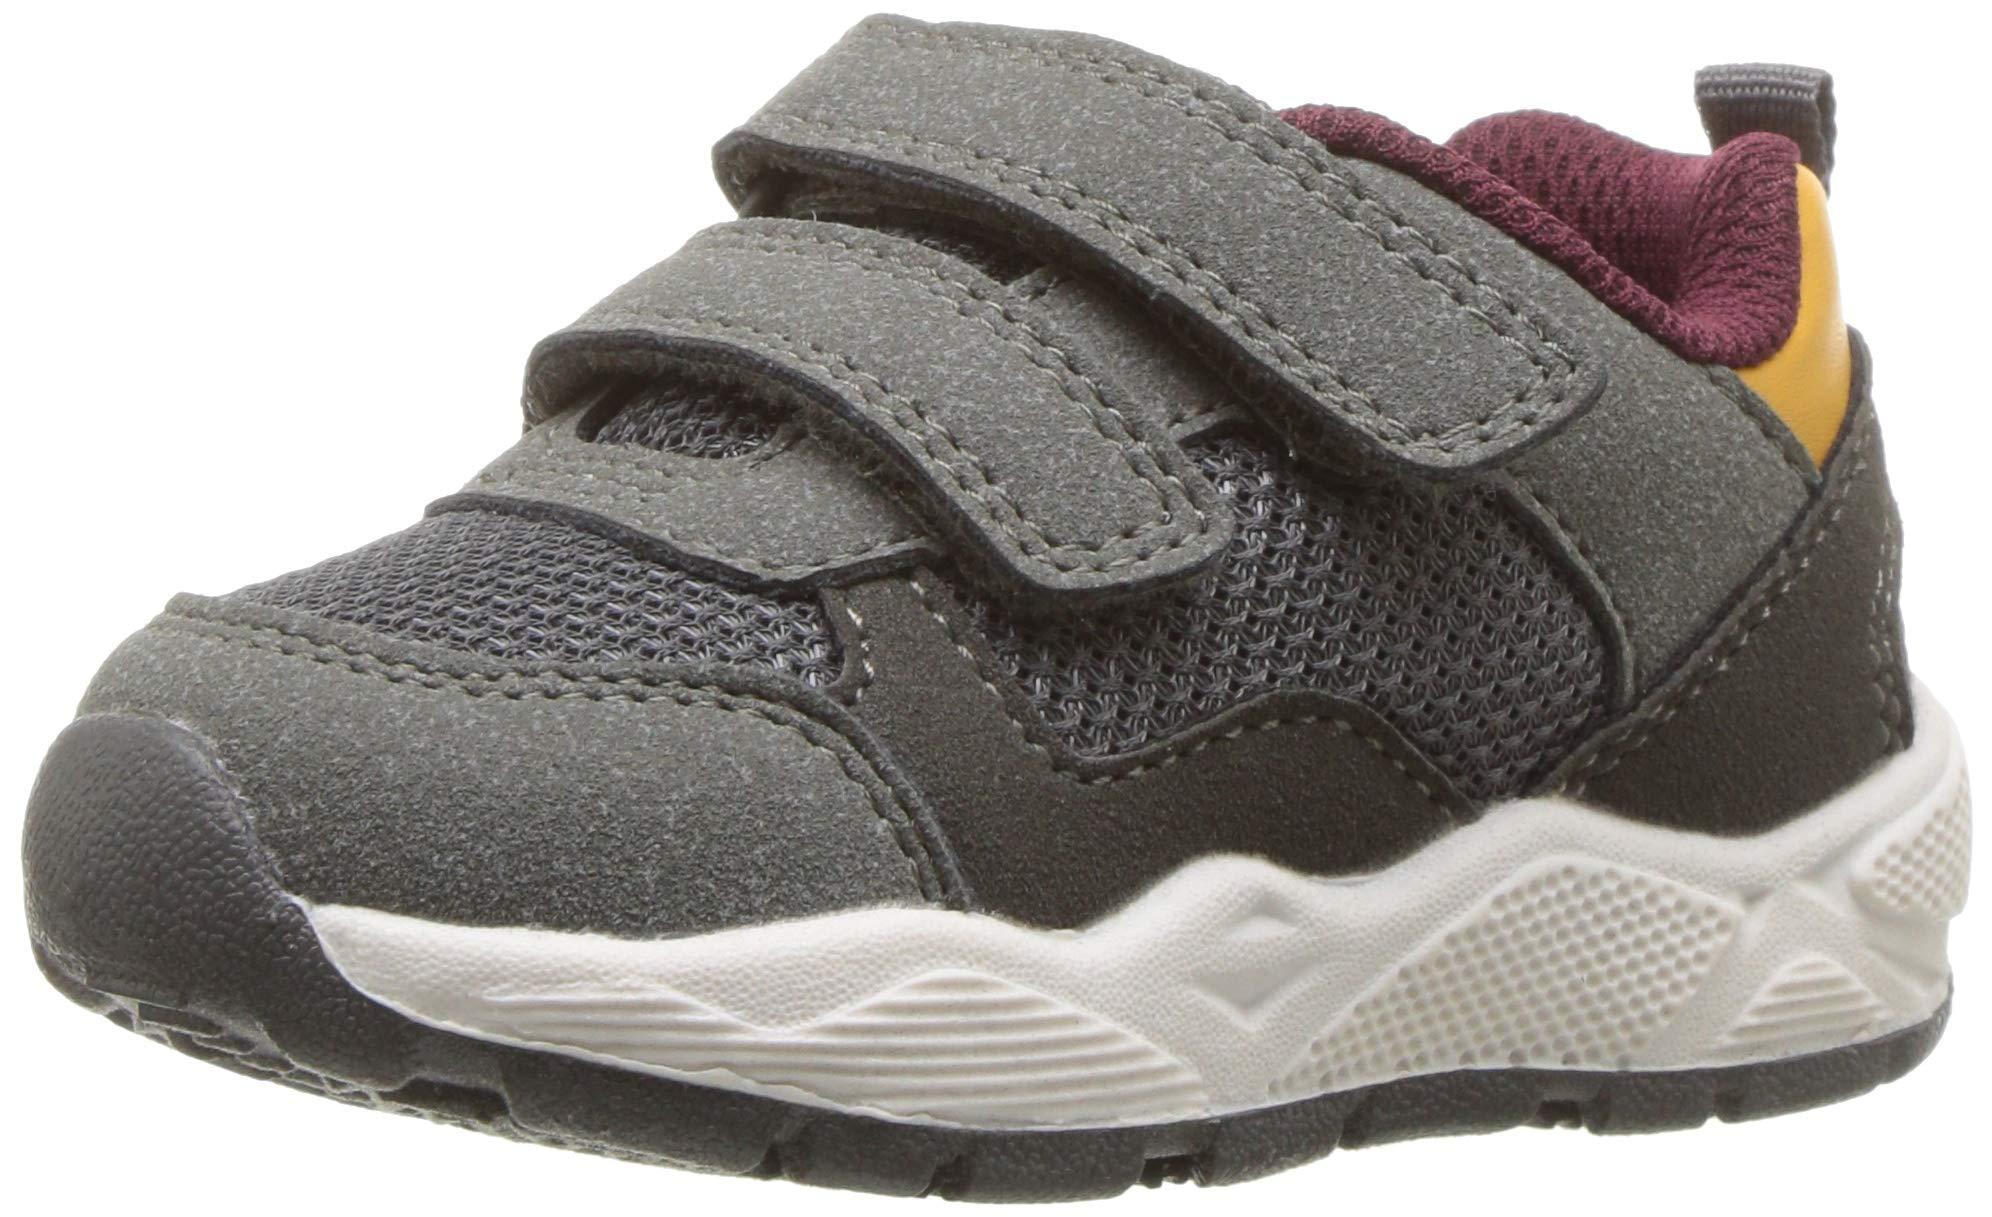 Carter's Boys' Blakey-B Casual Sneaker, Grey, 6 M US Toddler